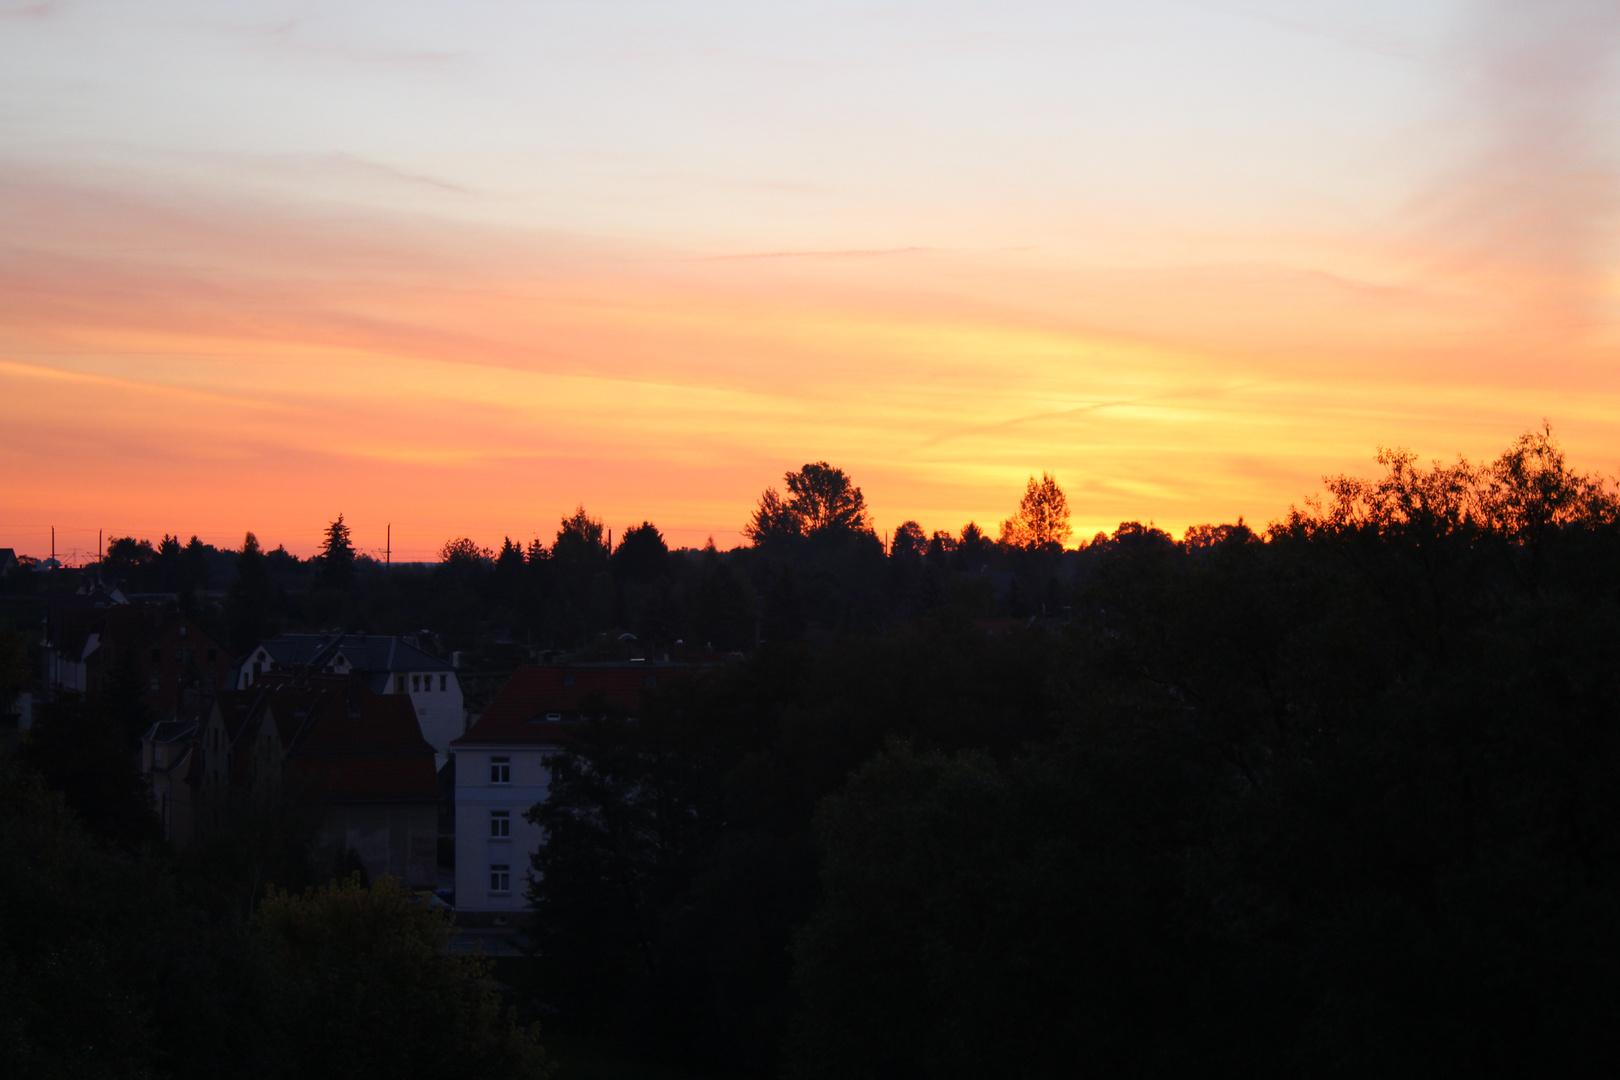 Sonnenaufgang Sonntags 7:00 Uhr